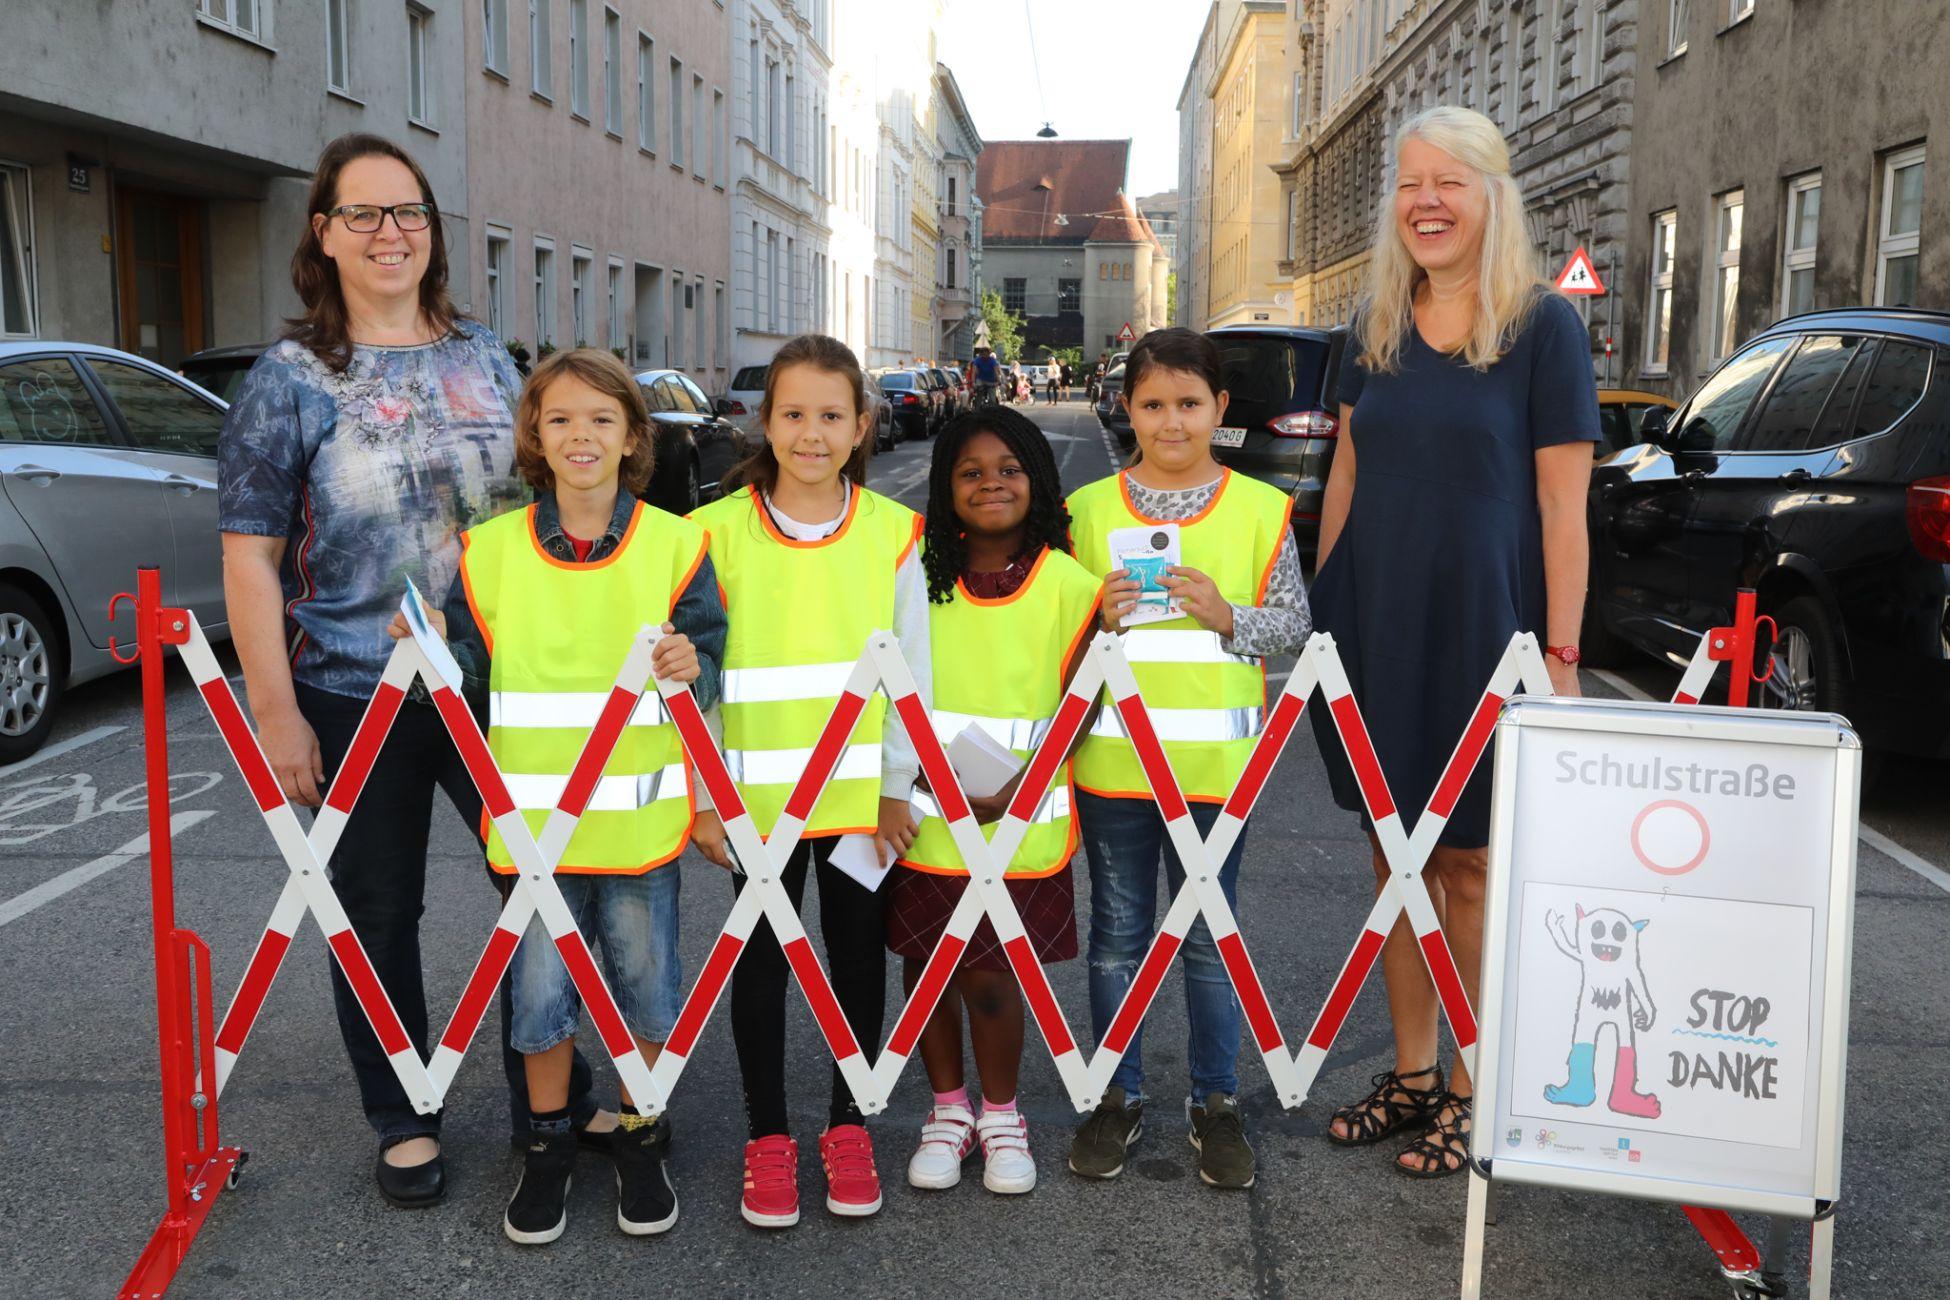 Lehrerinnen und Kinder der Volksschule Vereinsgasse machen die AutolenkerInnen auf die Sperre aufmerksam.